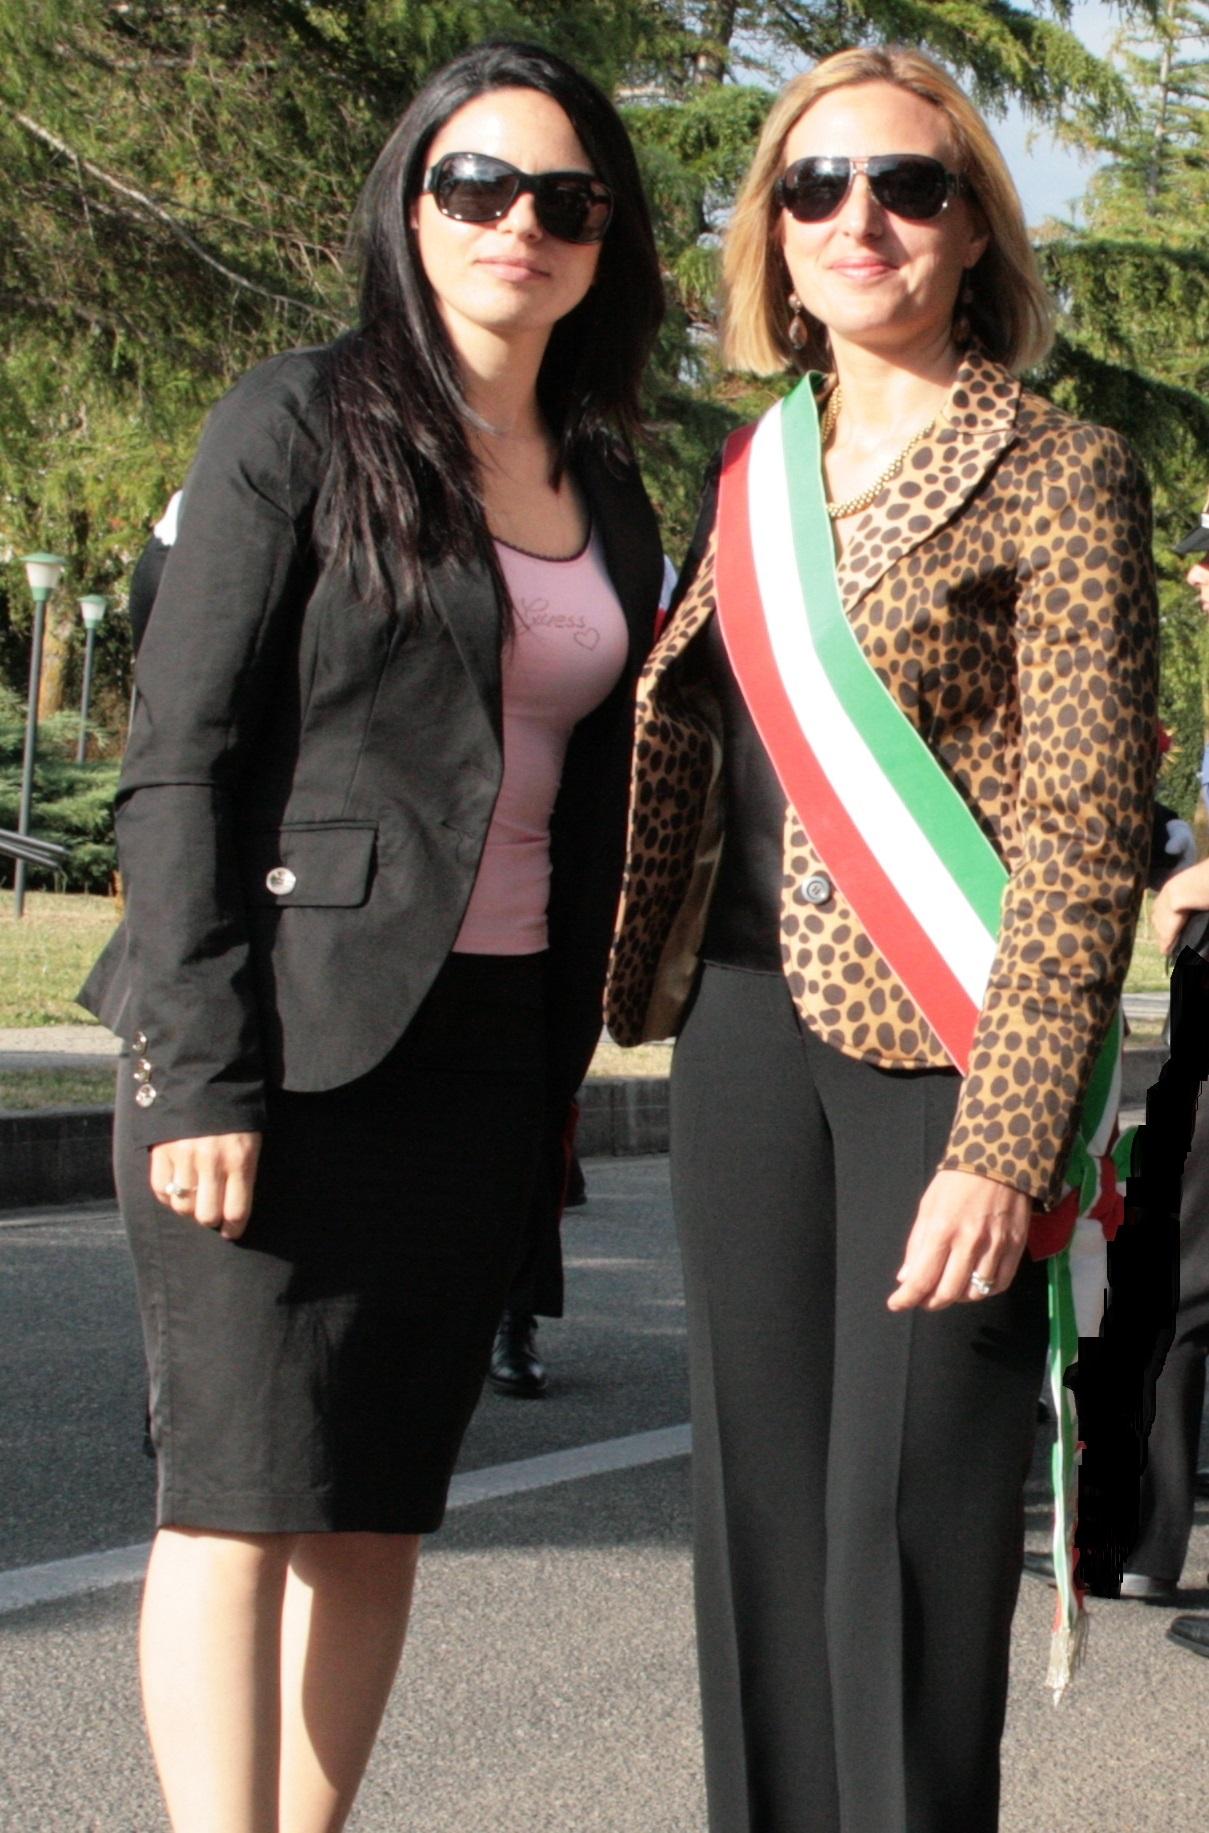 L'assessore del Comune di Parghelia Anna Sambiase ed il sindaco Maria Luisa Brosio